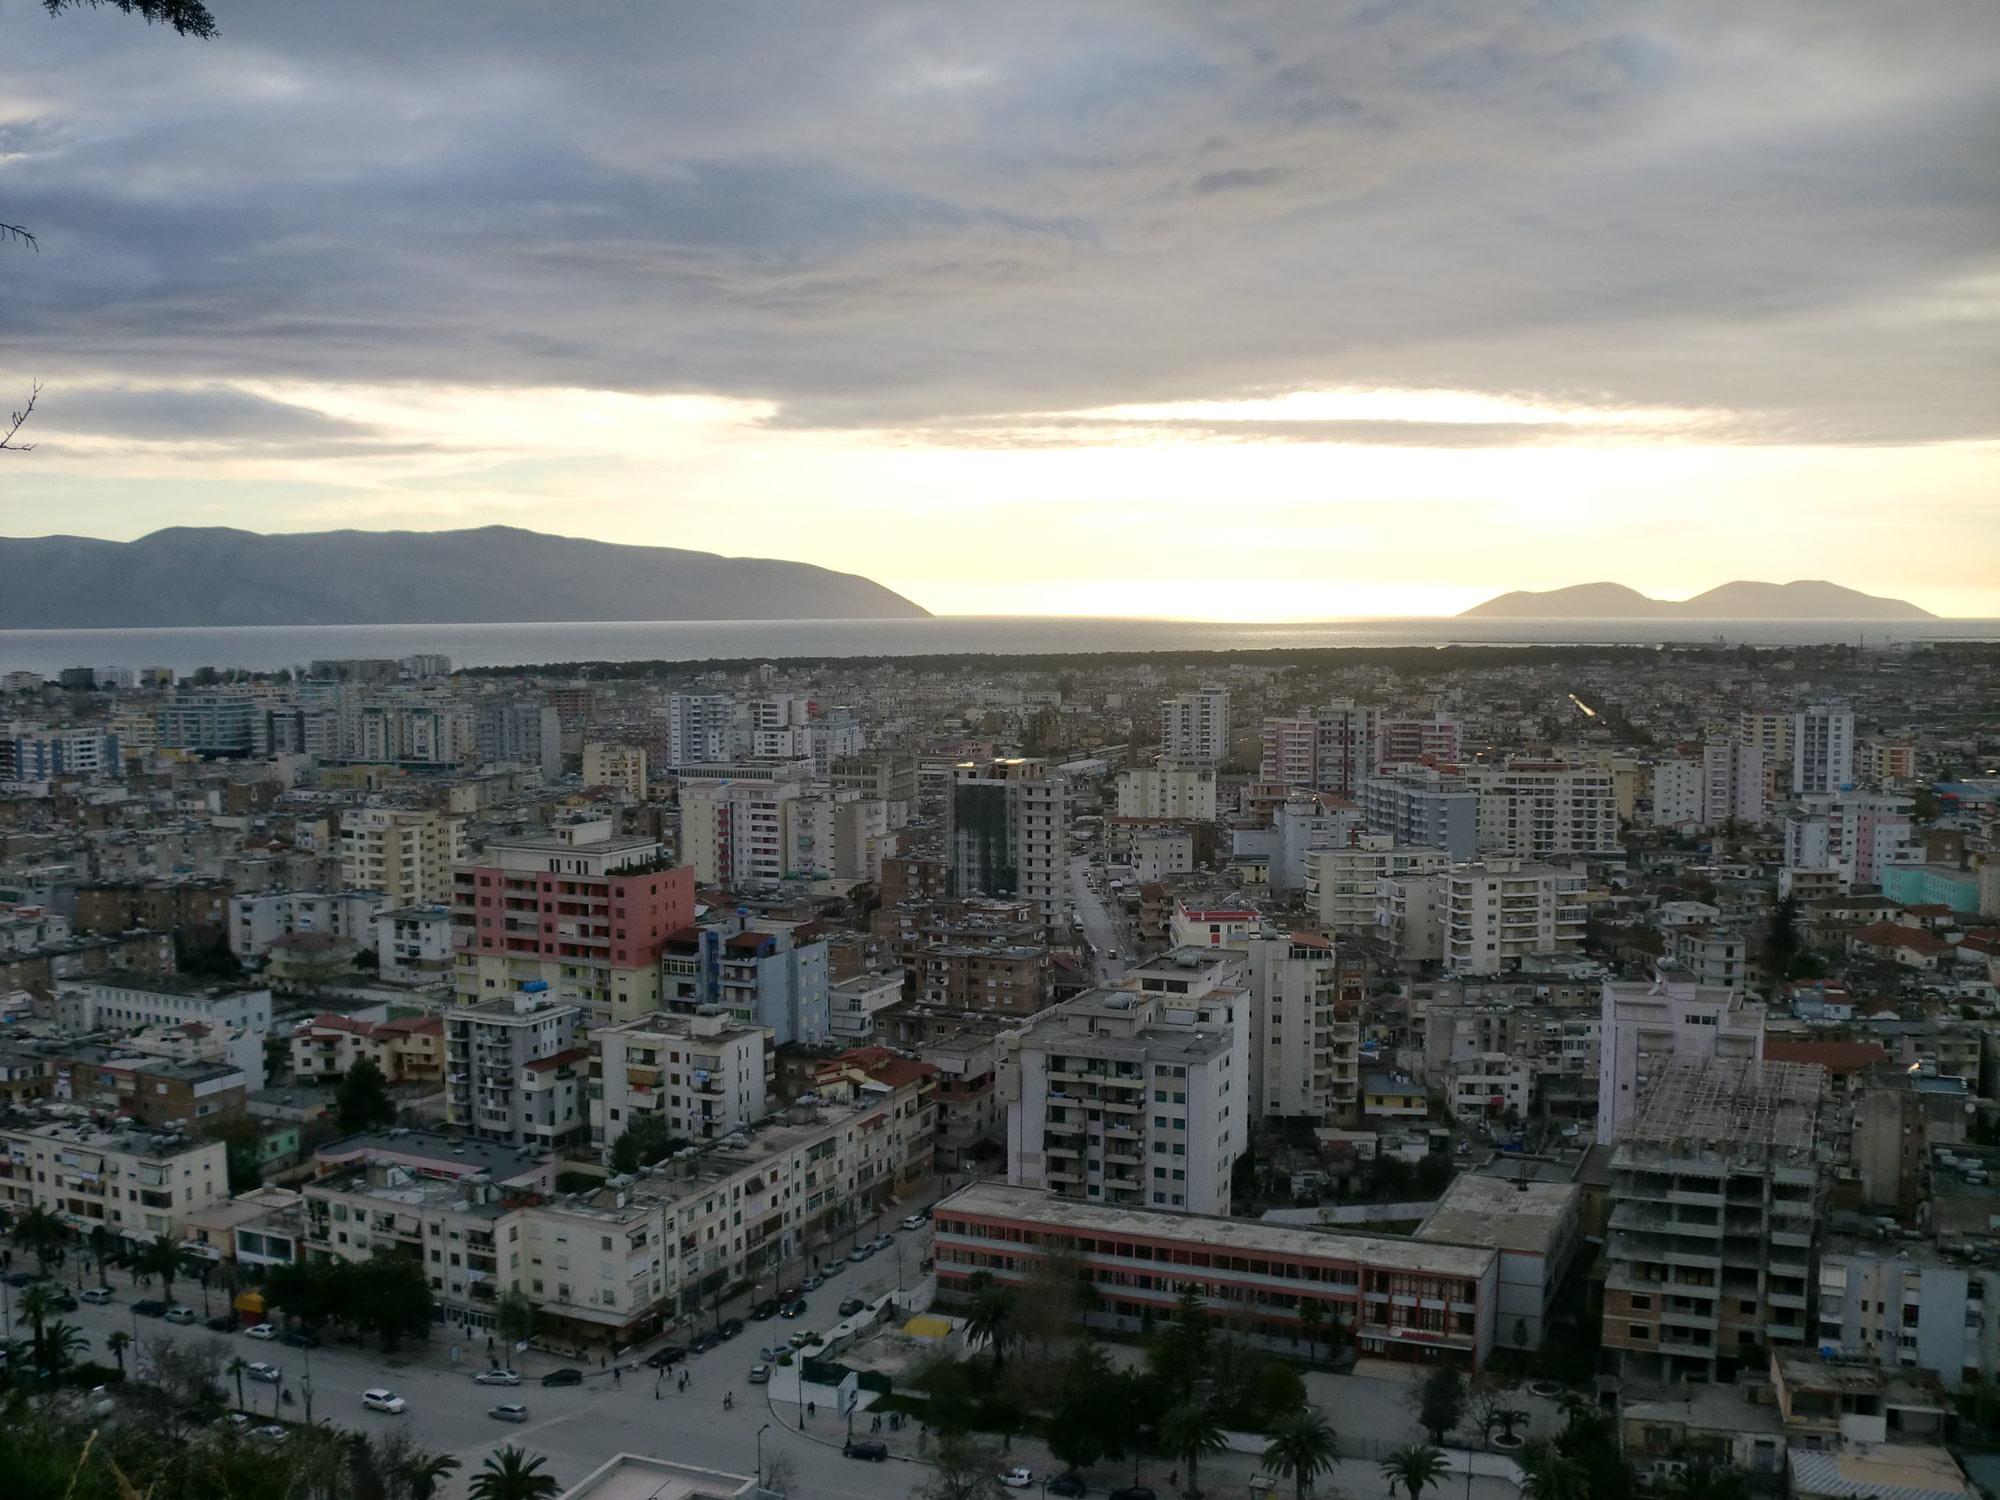 vlora view from kuzum baba